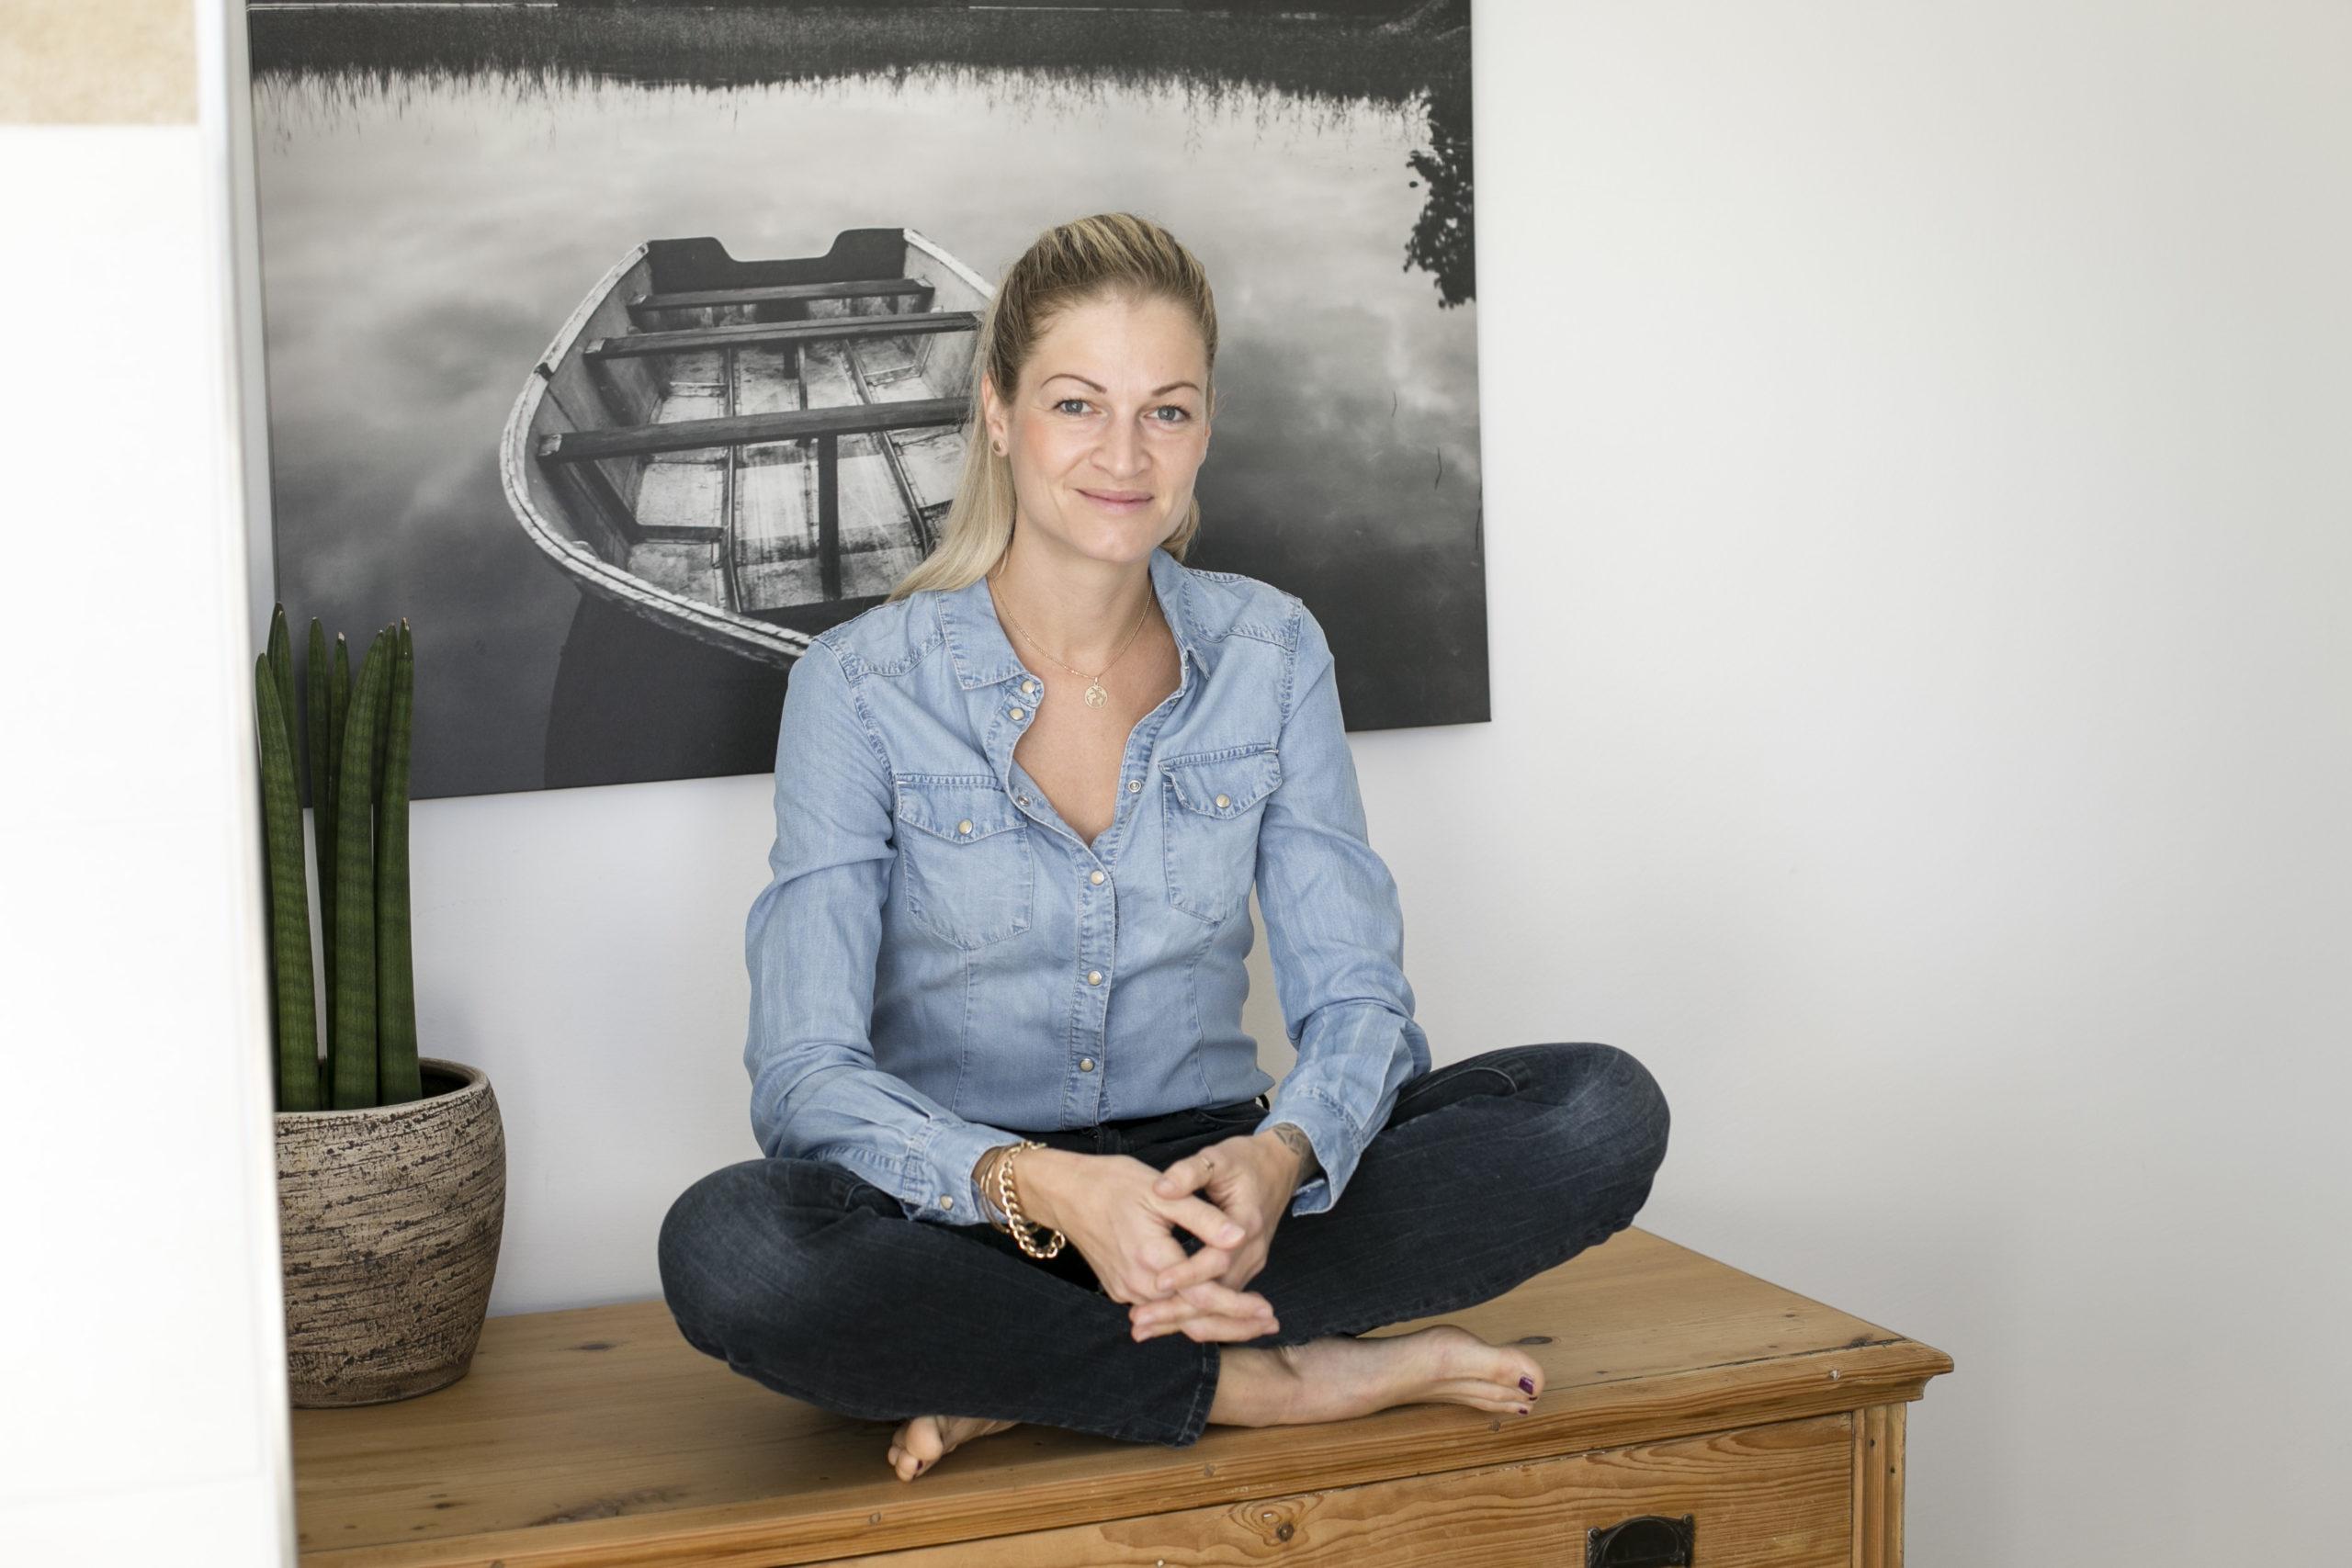 EH Fotografie_Imagefotografie_Bodytalk_Coaching_Lebensberatung_Lisa Holzmann